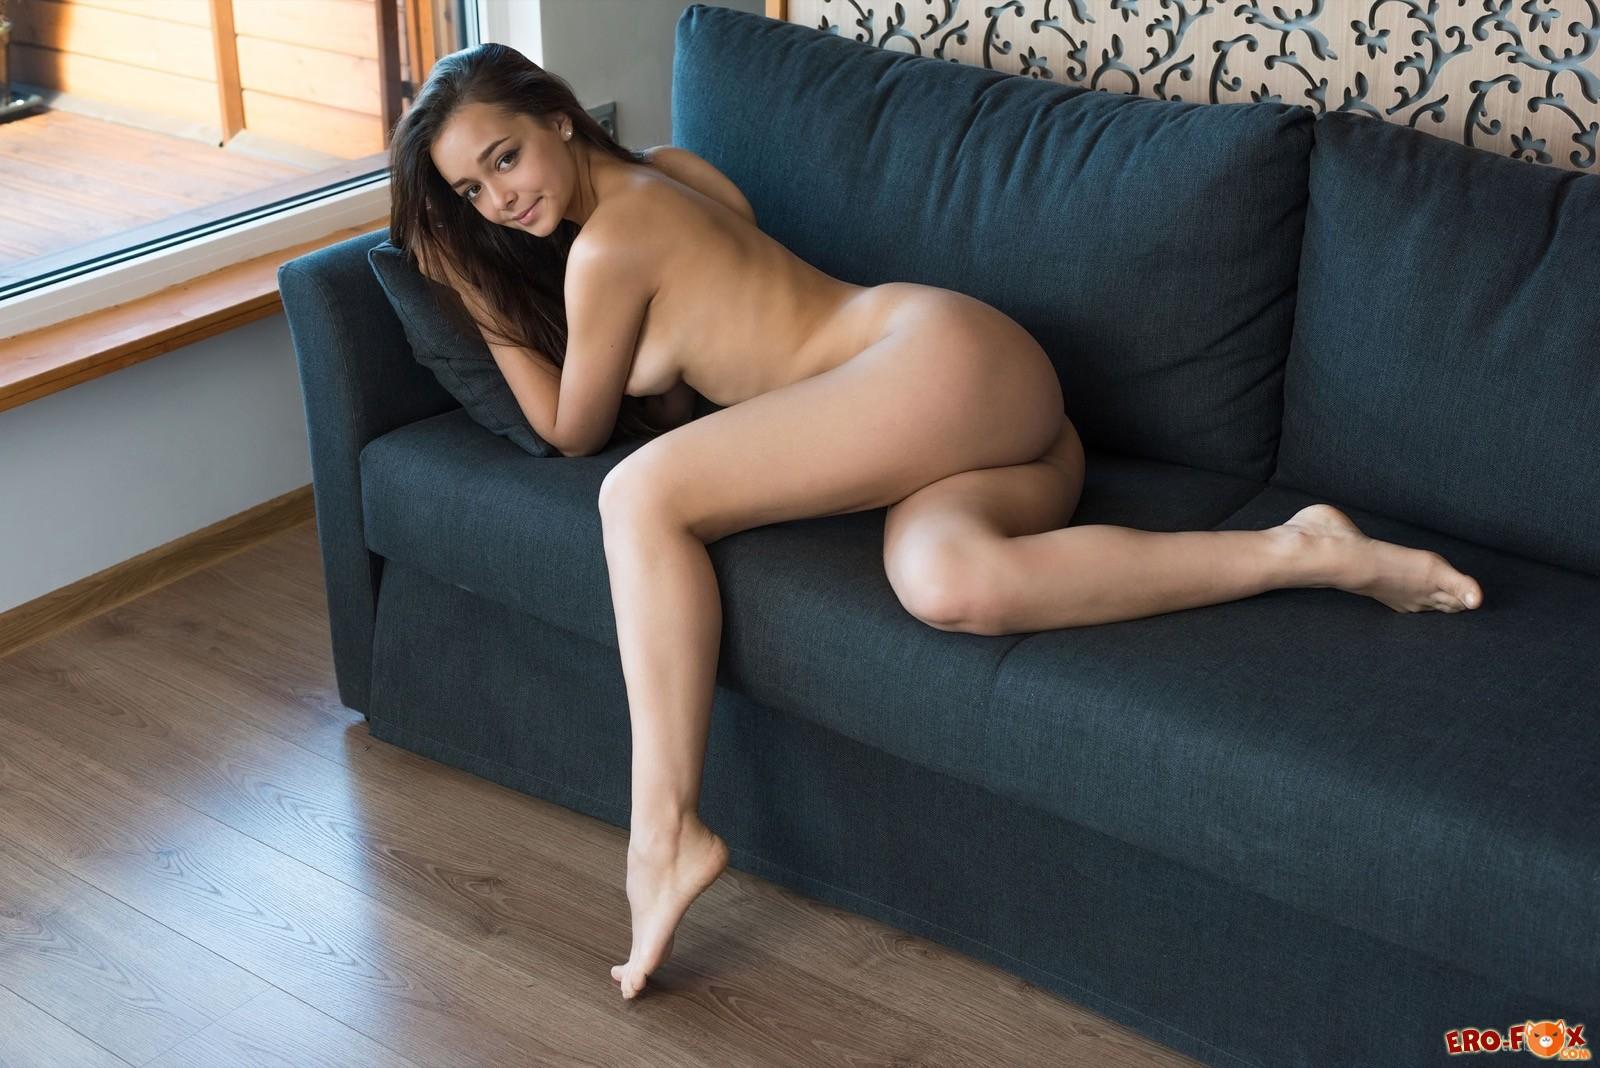 Голая девушка с шикарным телом и упругими формами - фото